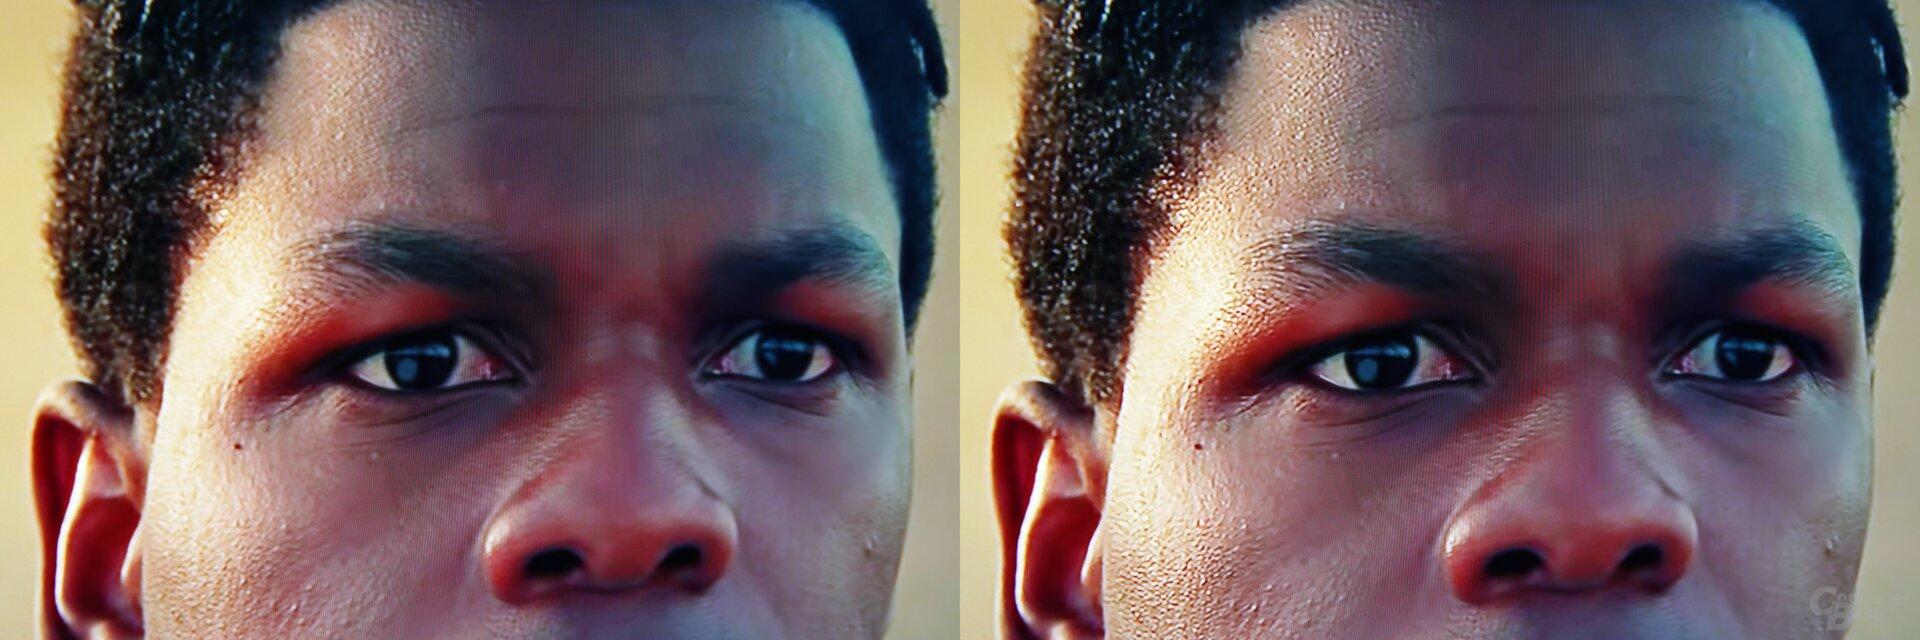 Szene aus Star Wars IX Trailer: links Standard, rechts KI-Upscaling